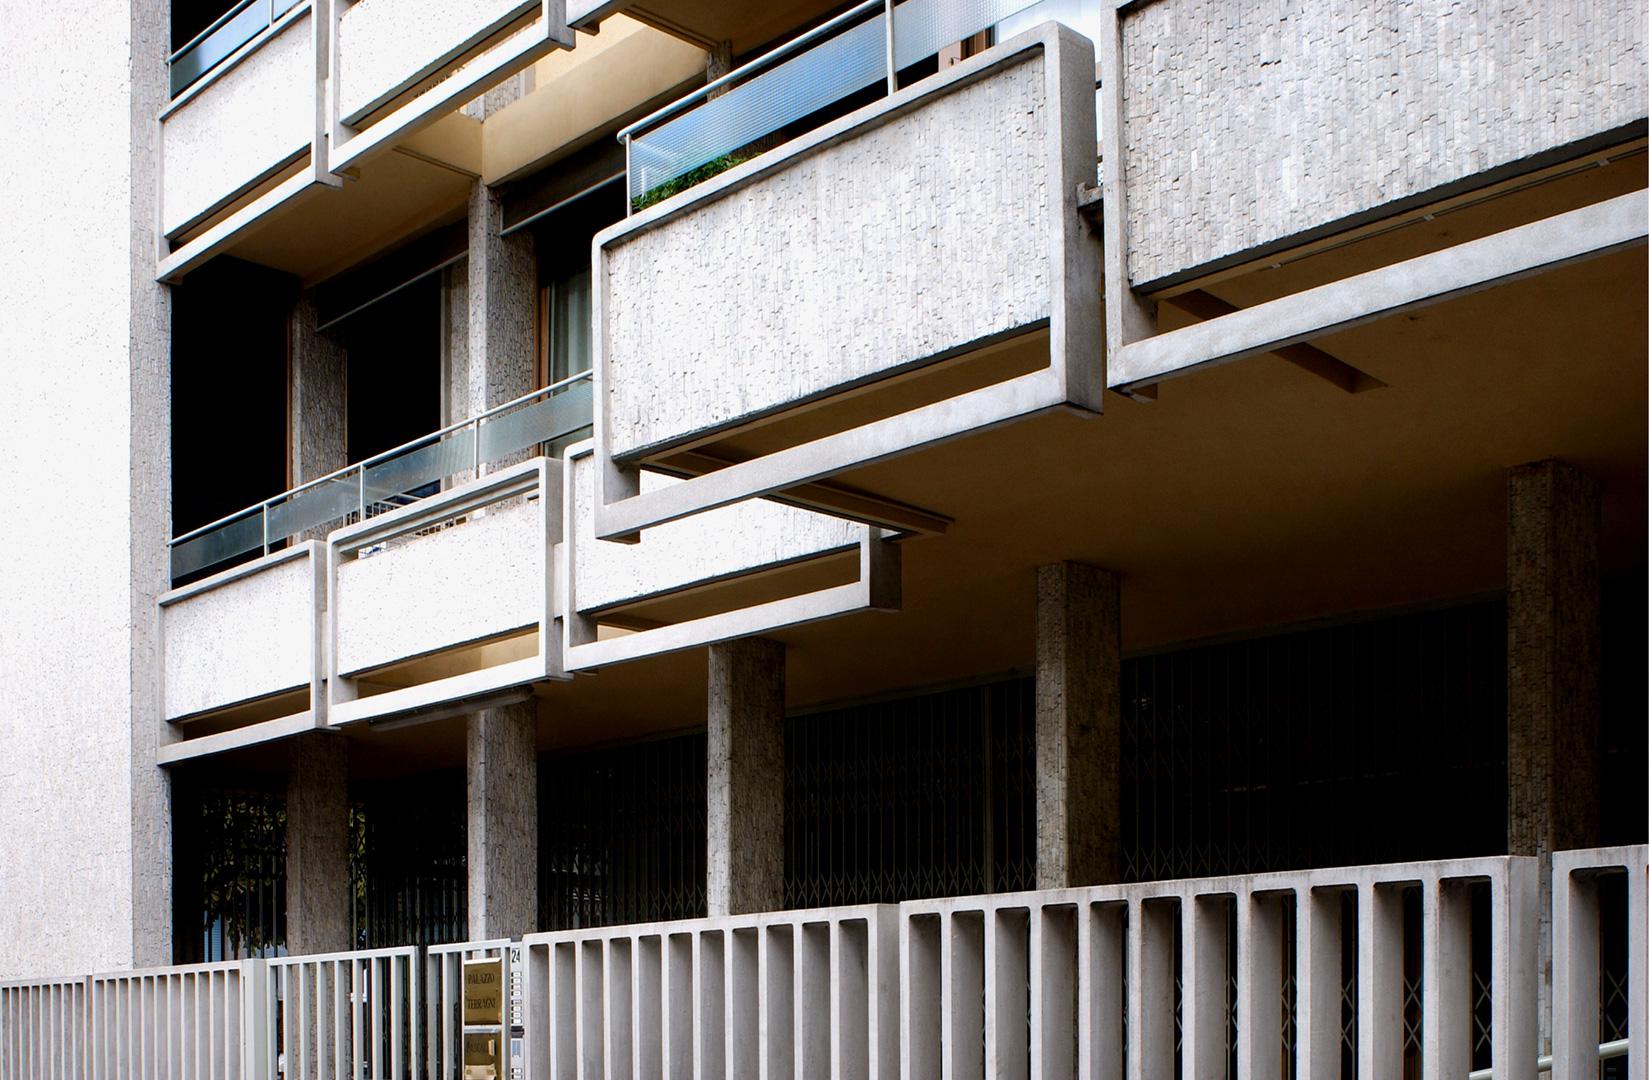 casa-giuliani-frigerio_08_DSC_4211